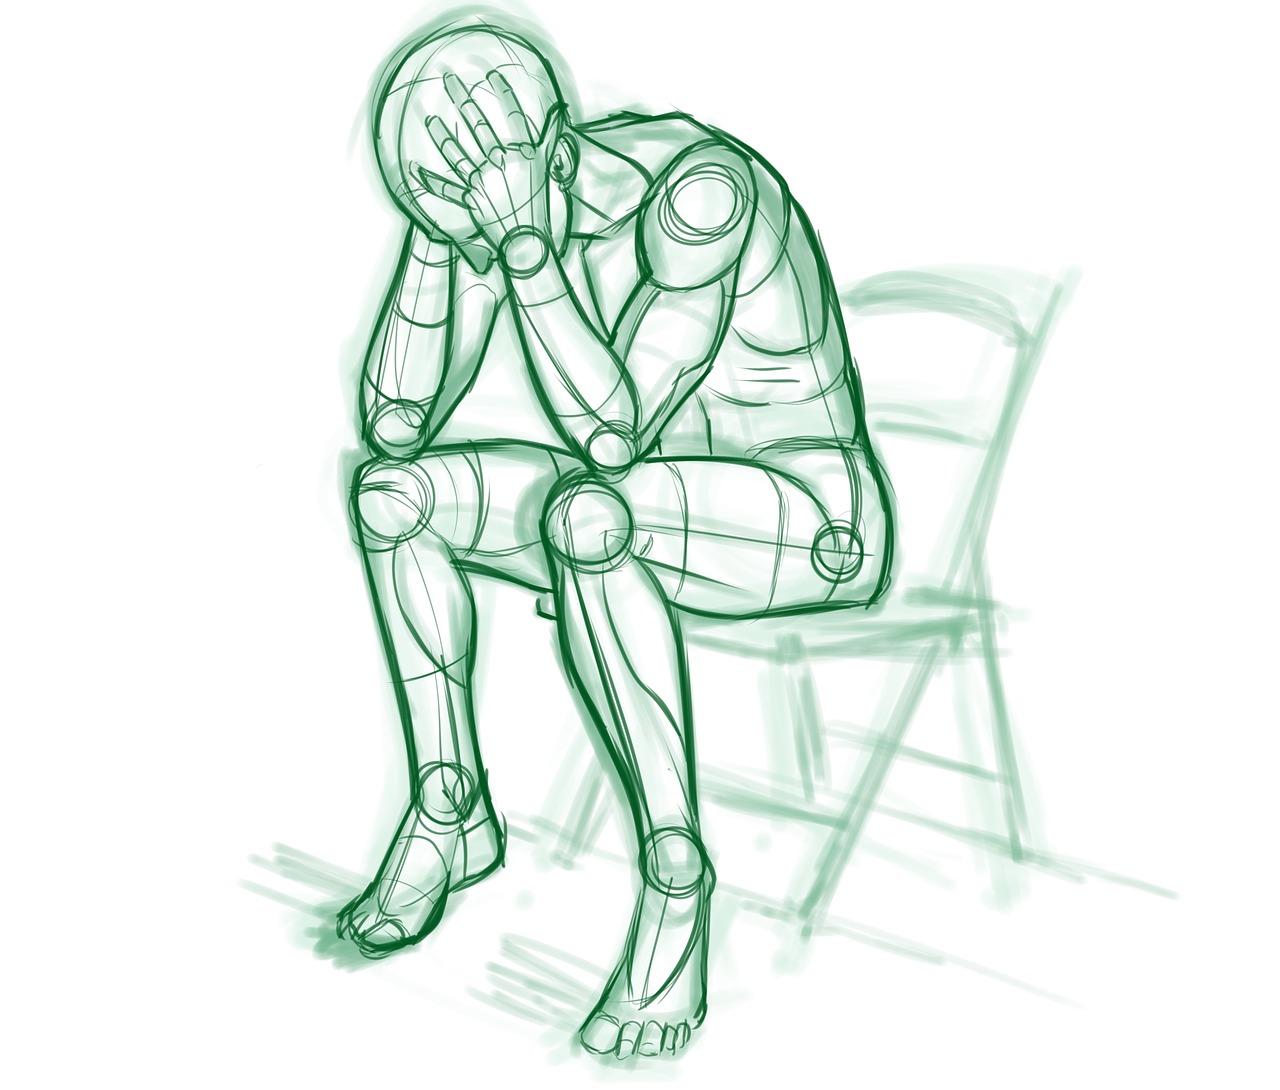 סוגי תרופות לדיכאון והפתרון האלטרנטיבי להן